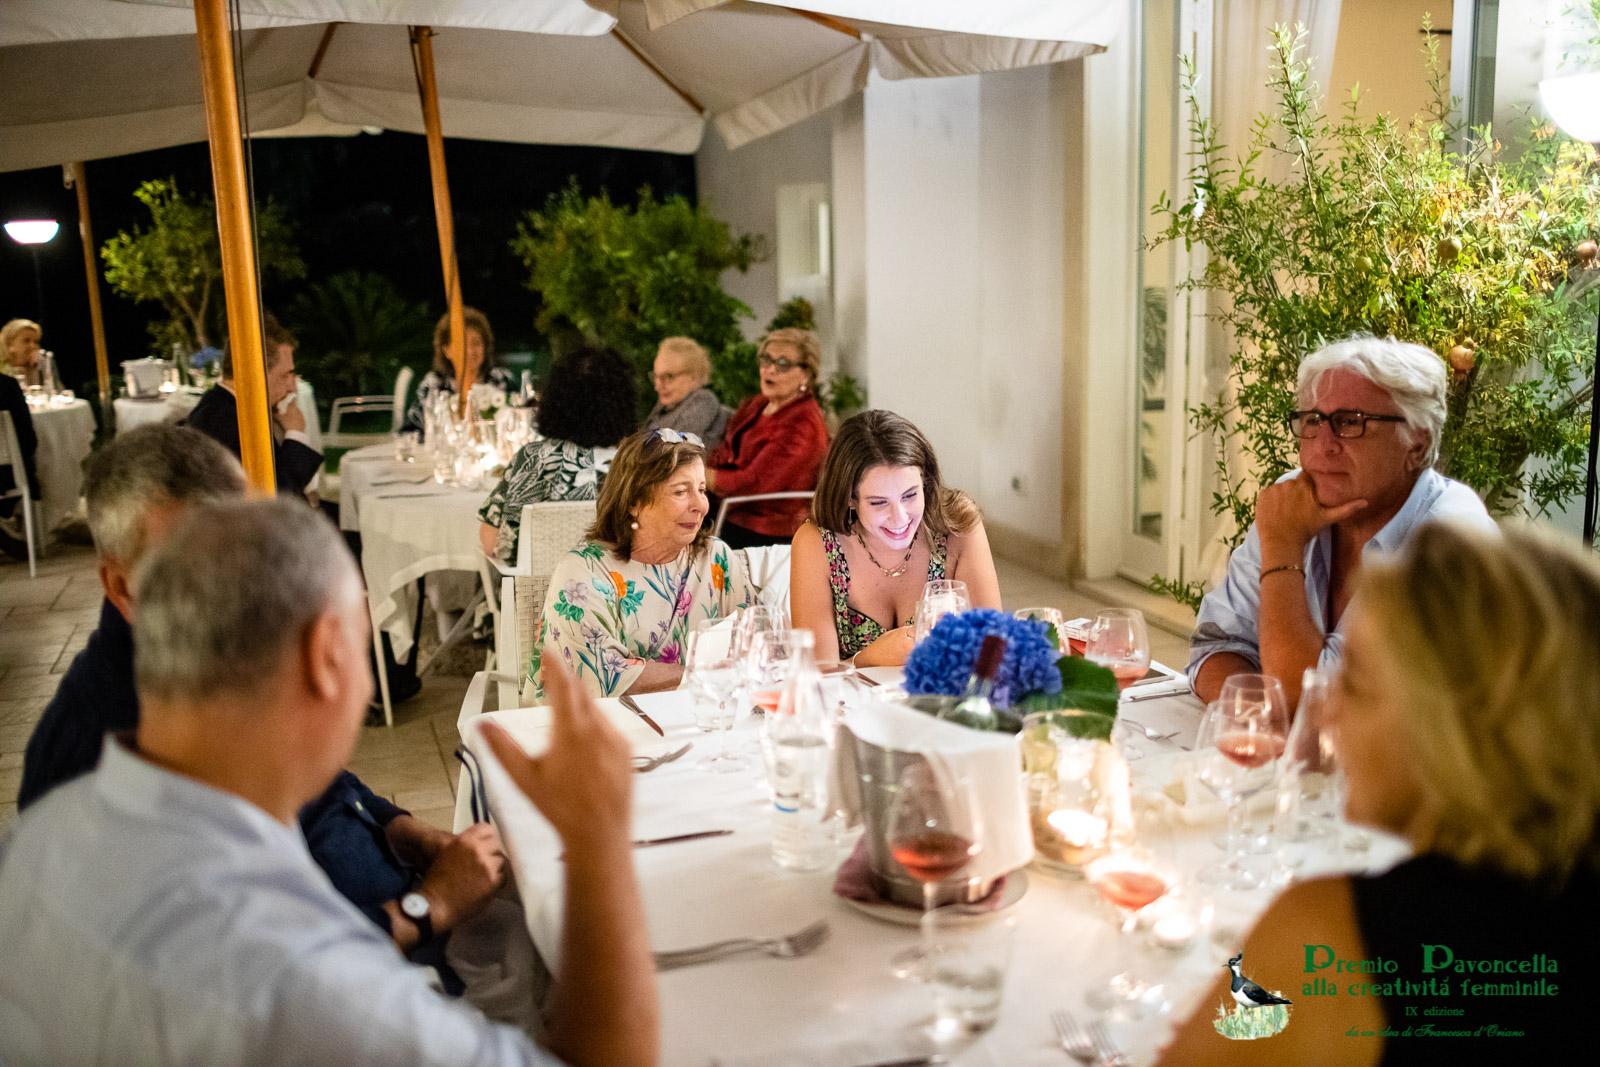 Il prof. Marco Di Capua, Rosaria Gini, Olga Scotto di Vettimo al San Francesco